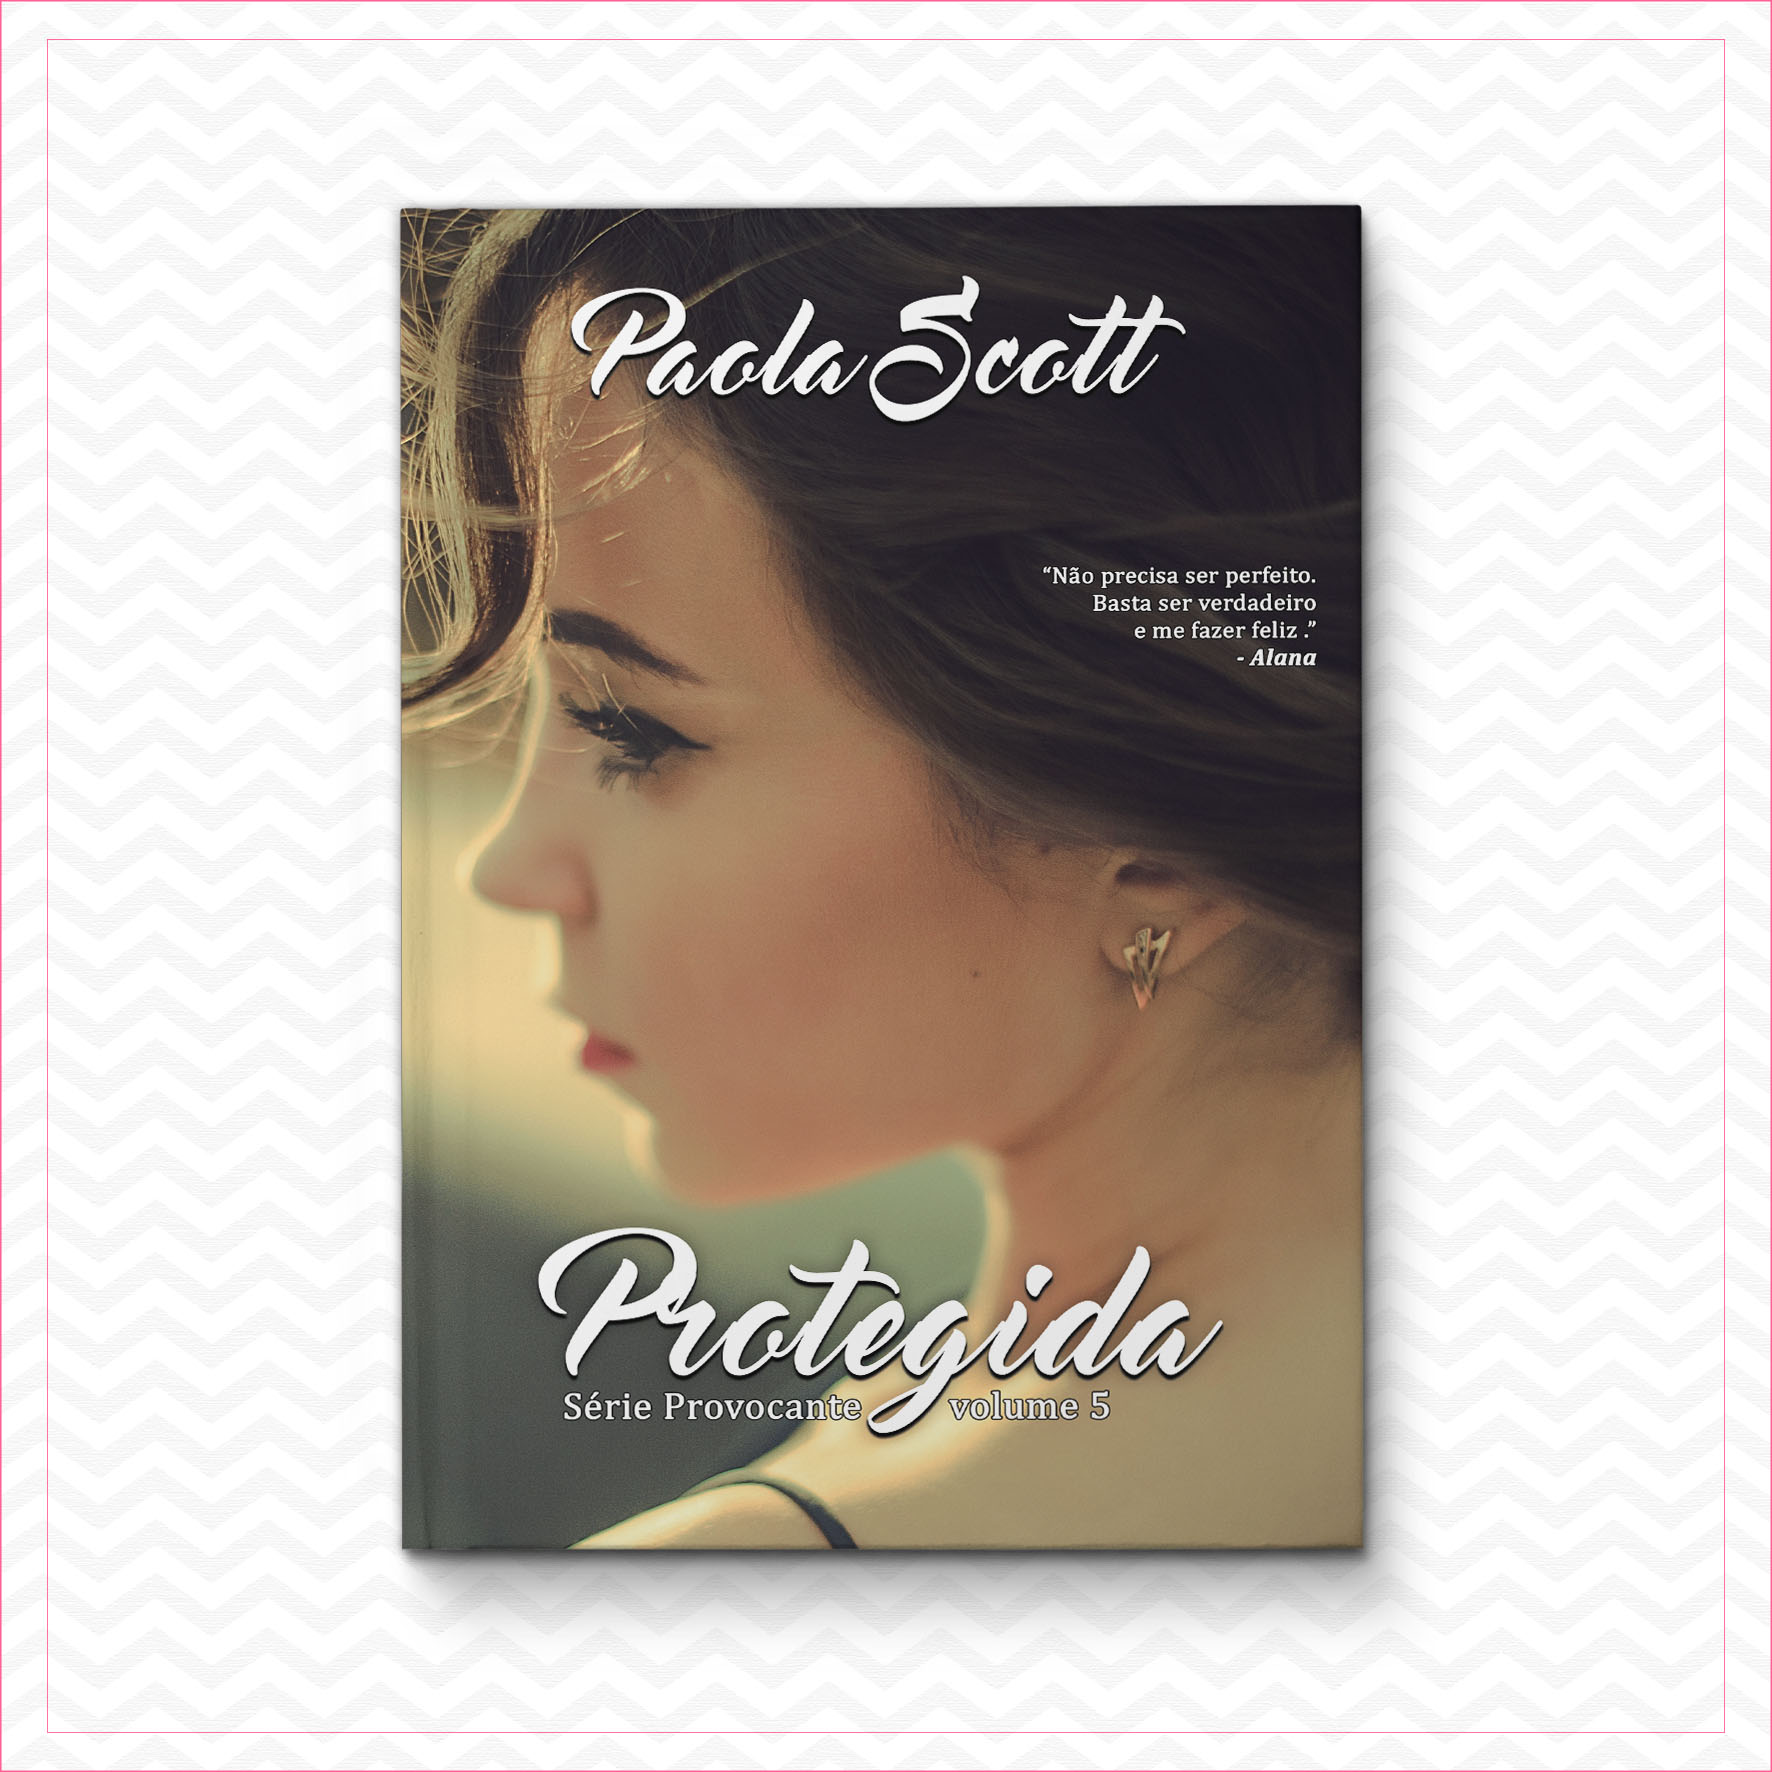 Protegida – Série Provocante – Volume 5 – Paola Scott